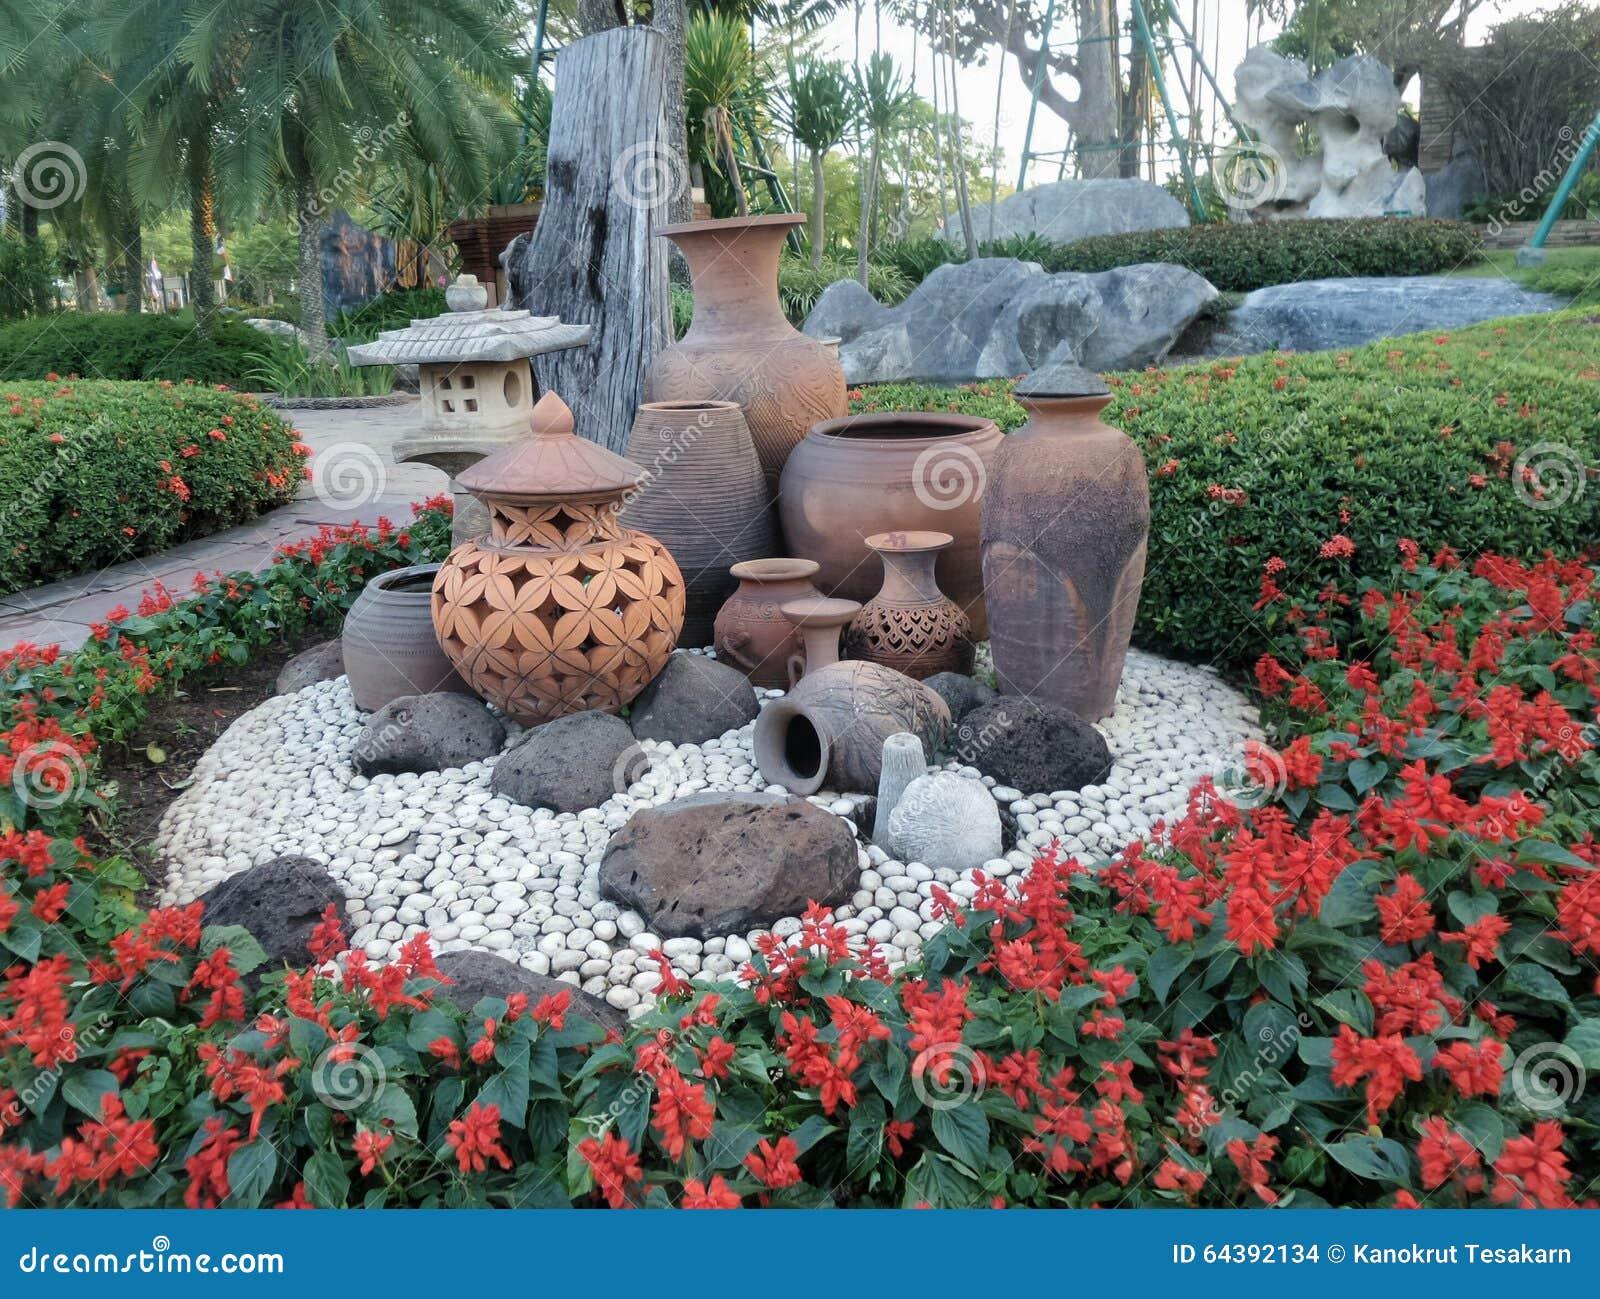 Decoraç u00e3o Do Jardim Do Potenci u00f4metro De Argila Na Terra De Pedra Branca E Na Flor Vermelha Foto  -> Decoração De Jardins Com Pedras E Flores